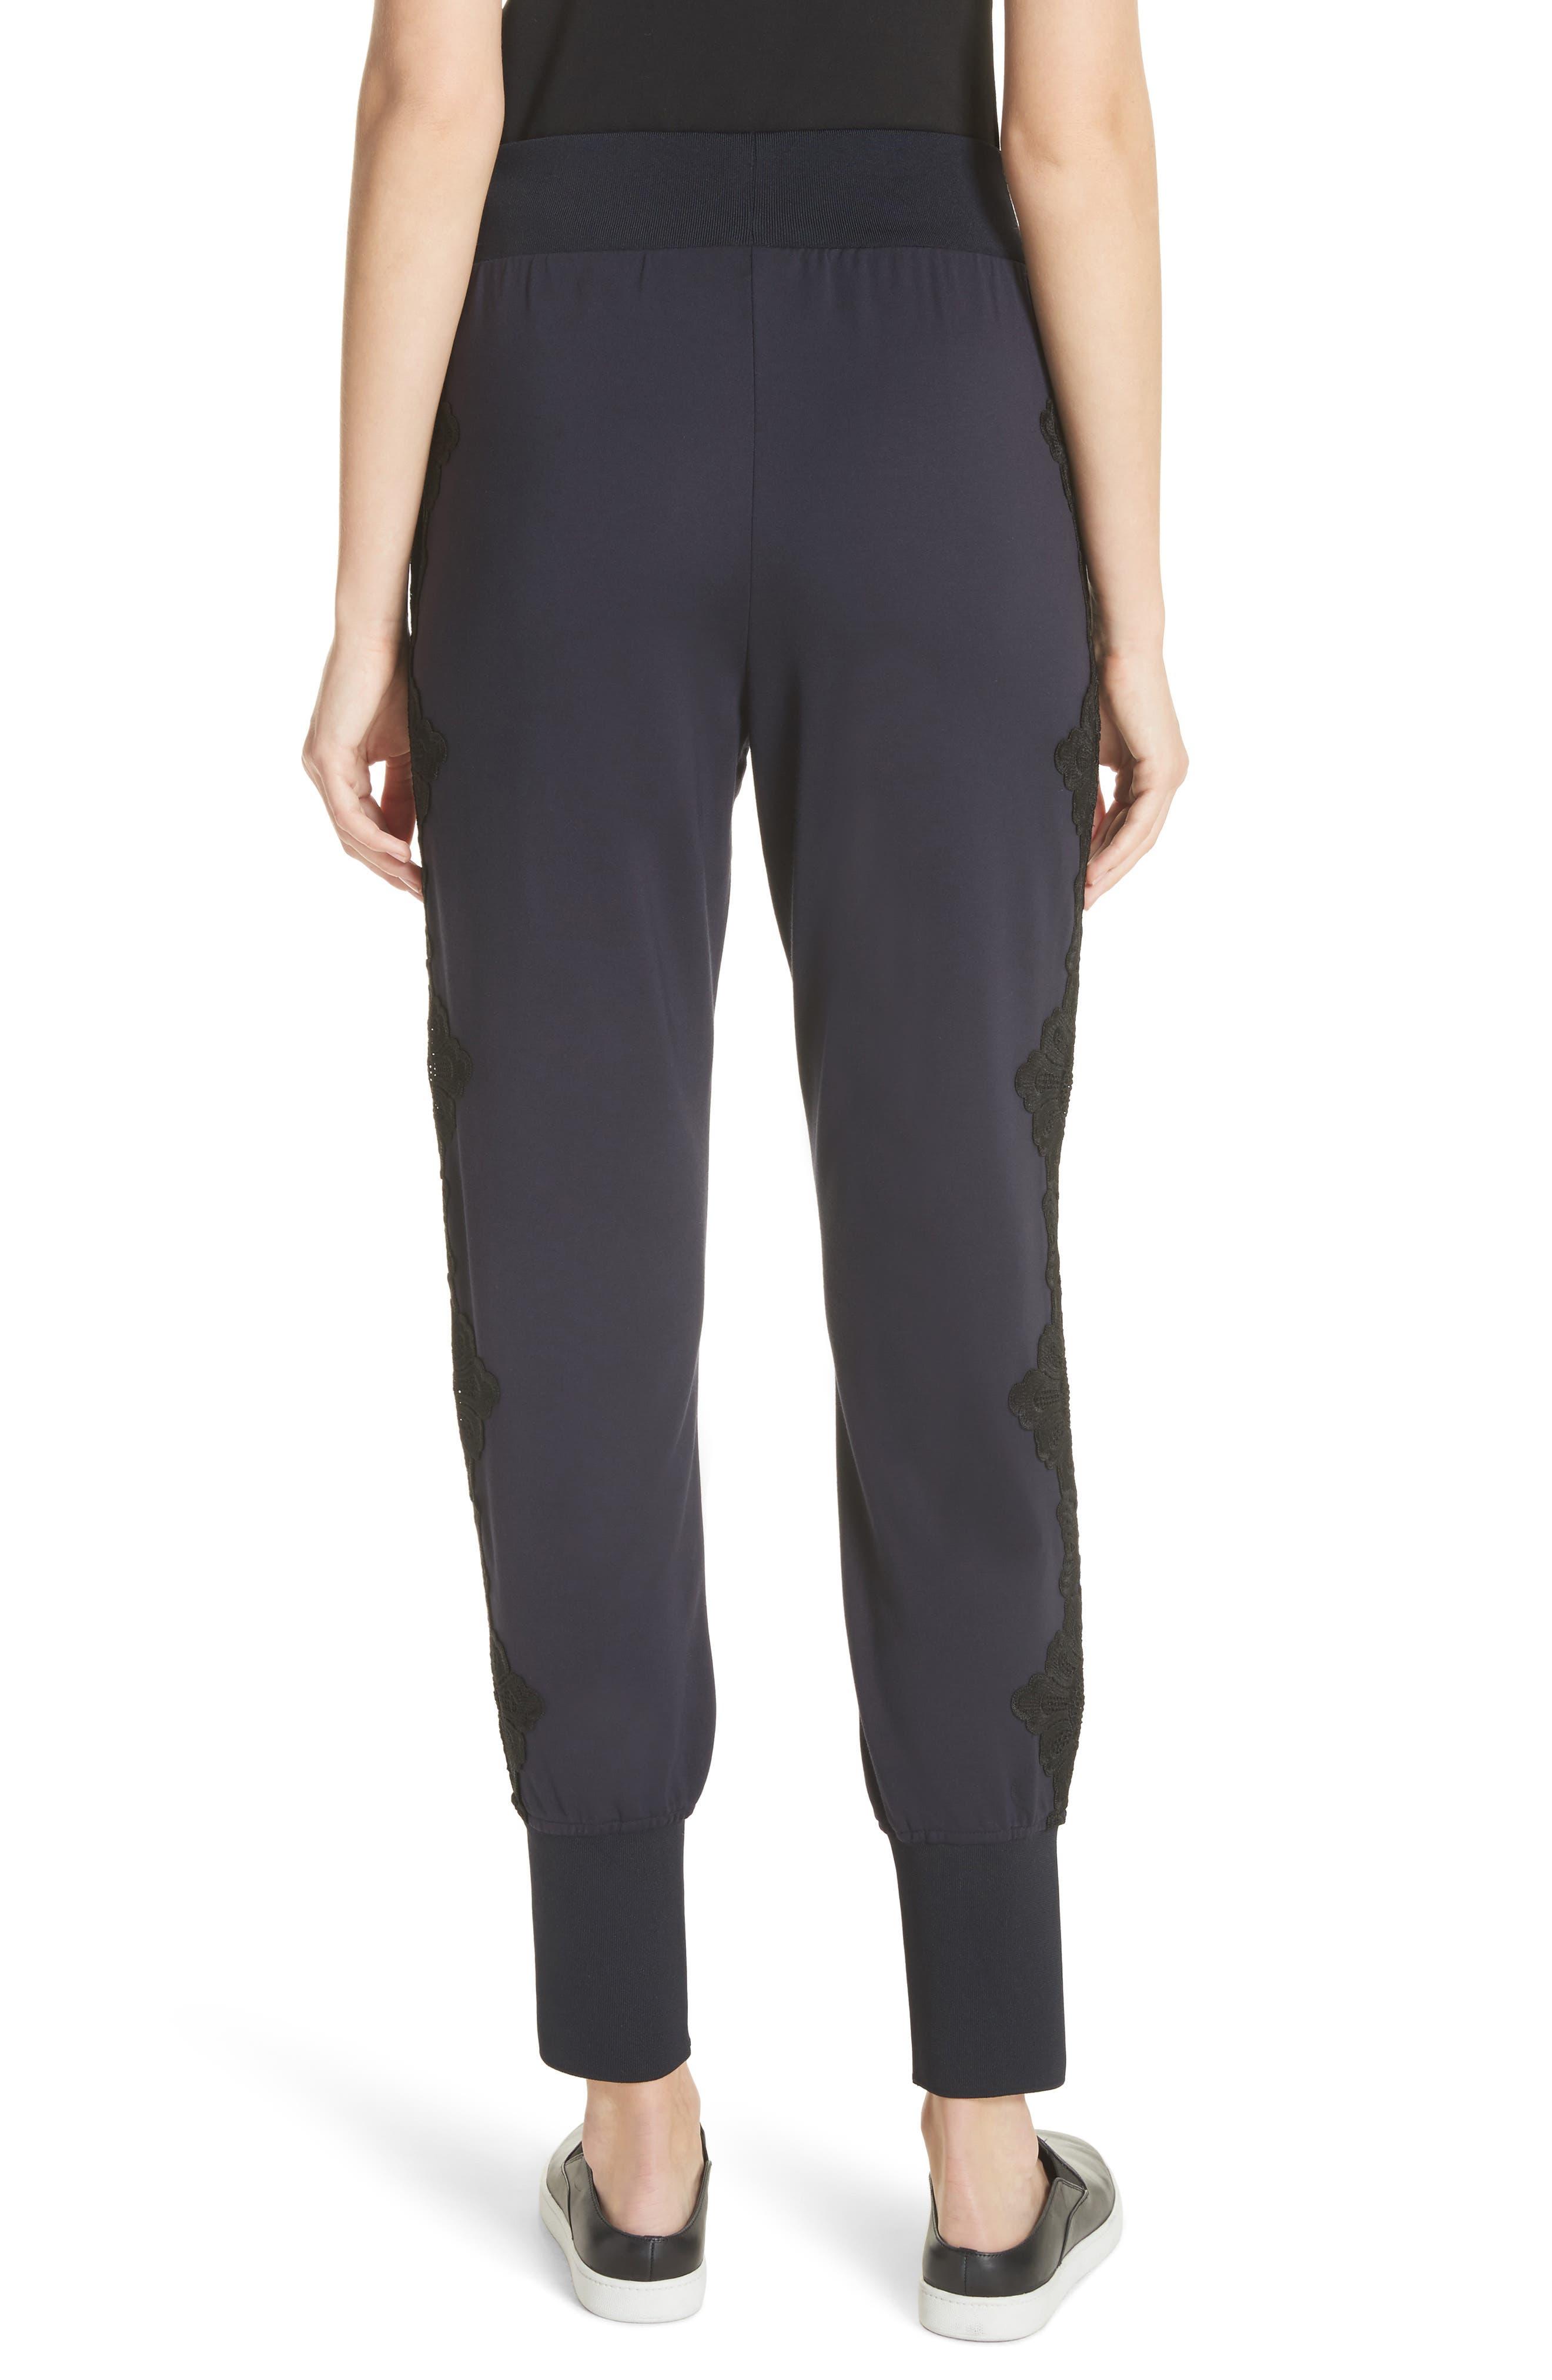 Lizeeba Lace Trim Jogger Pants,                             Alternate thumbnail 2, color,